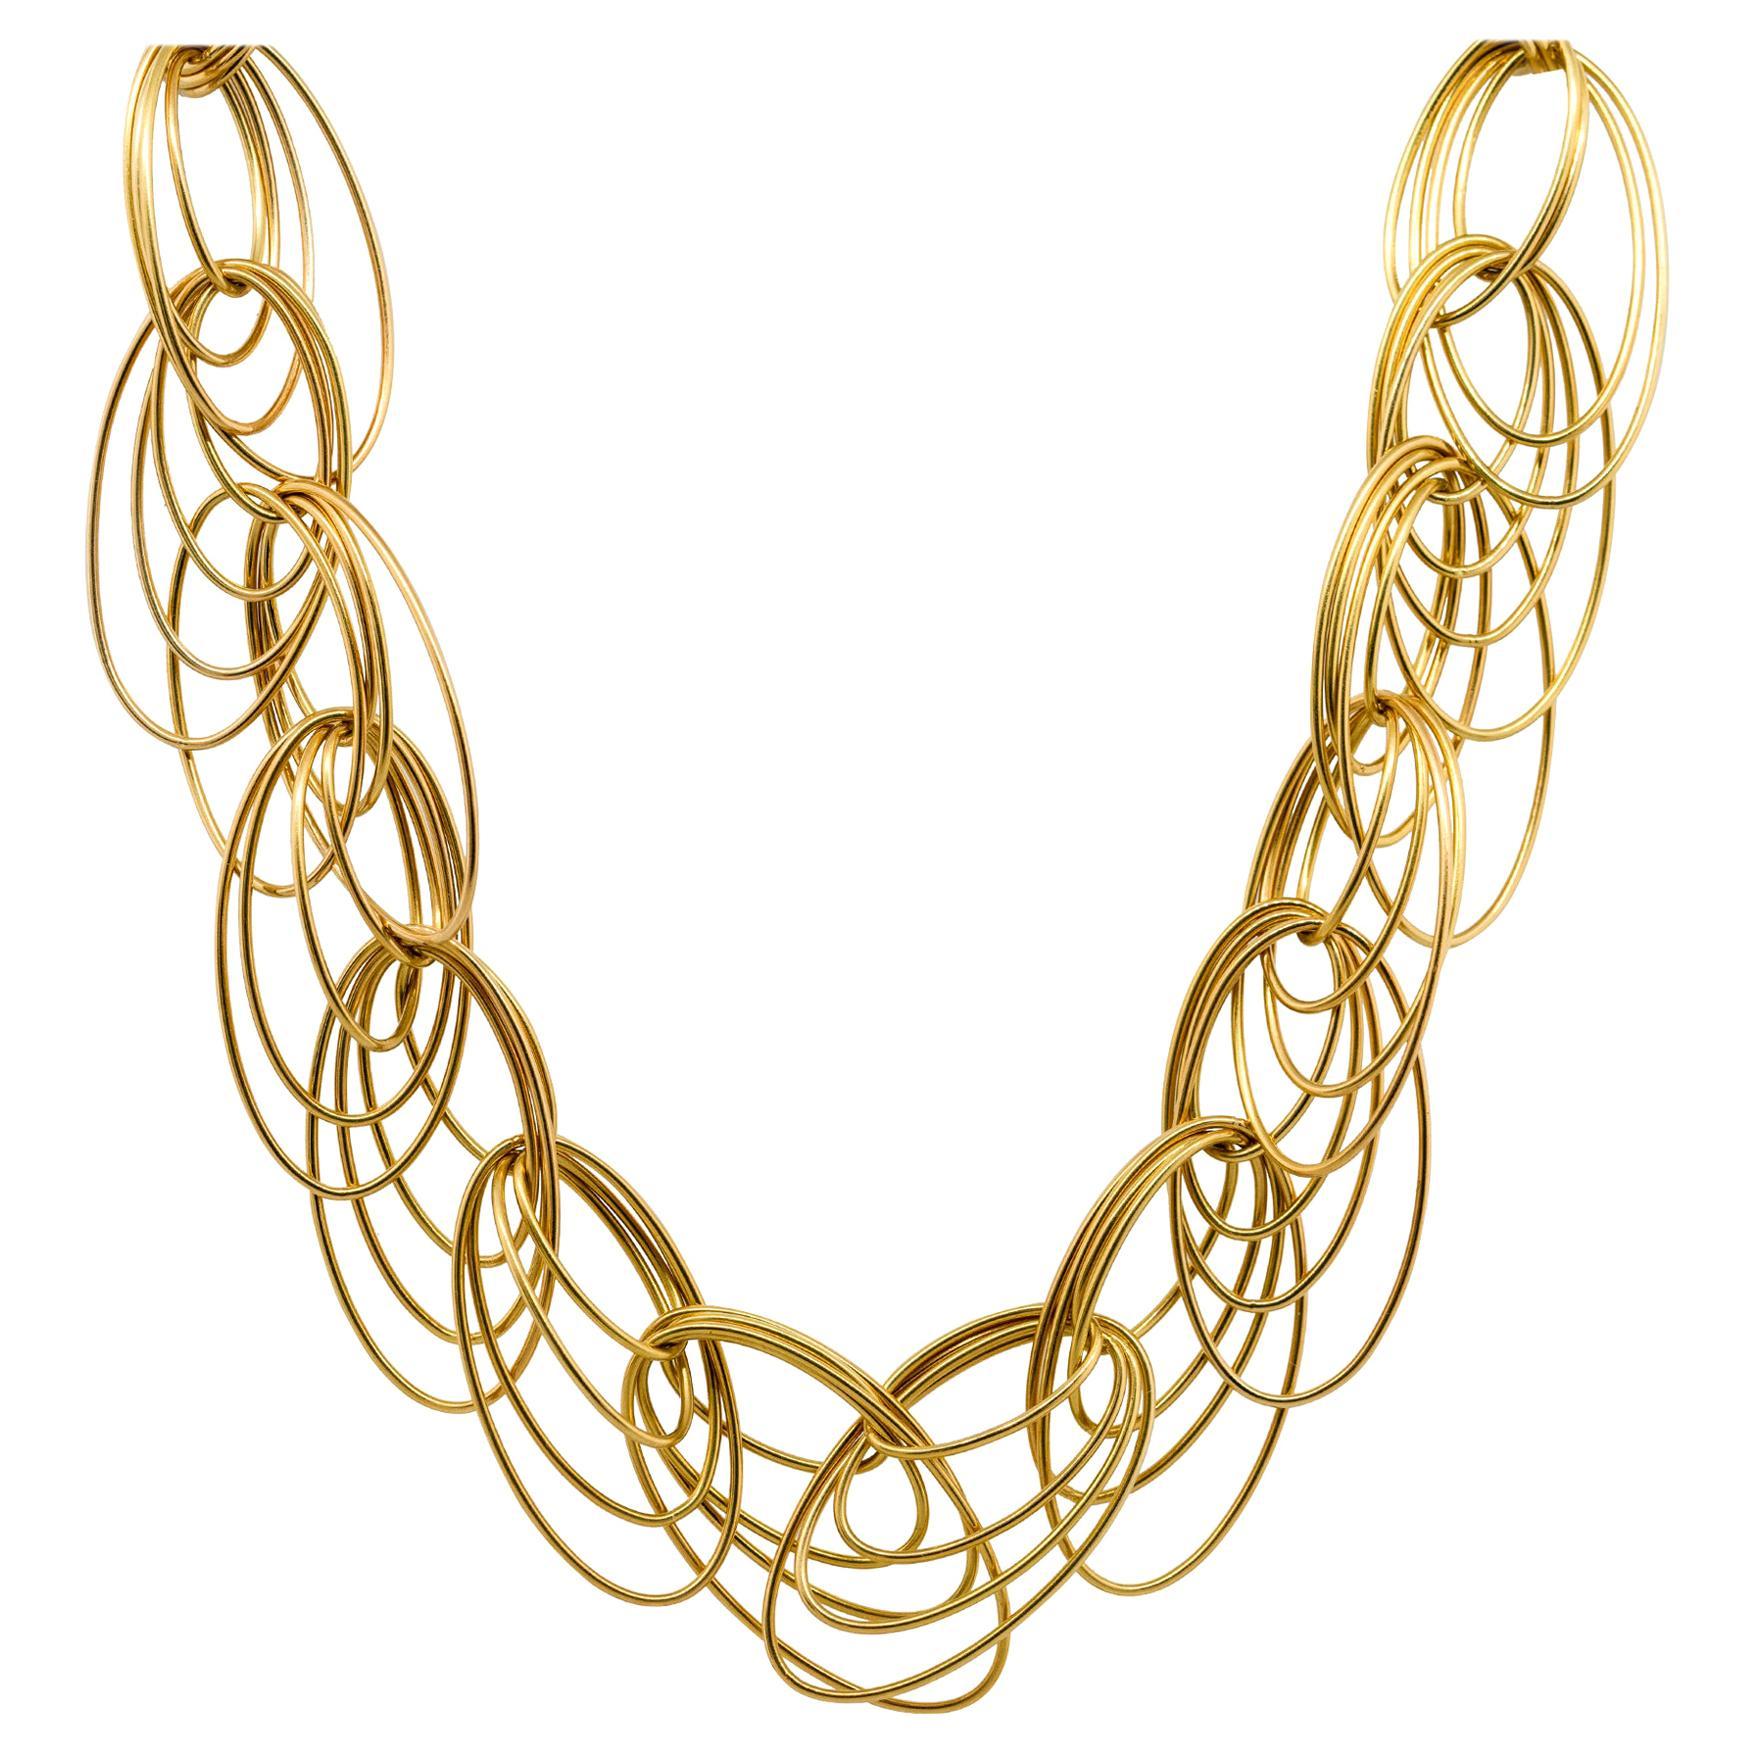 Multi Loop Ladies Necklace 18 Karat in Stock